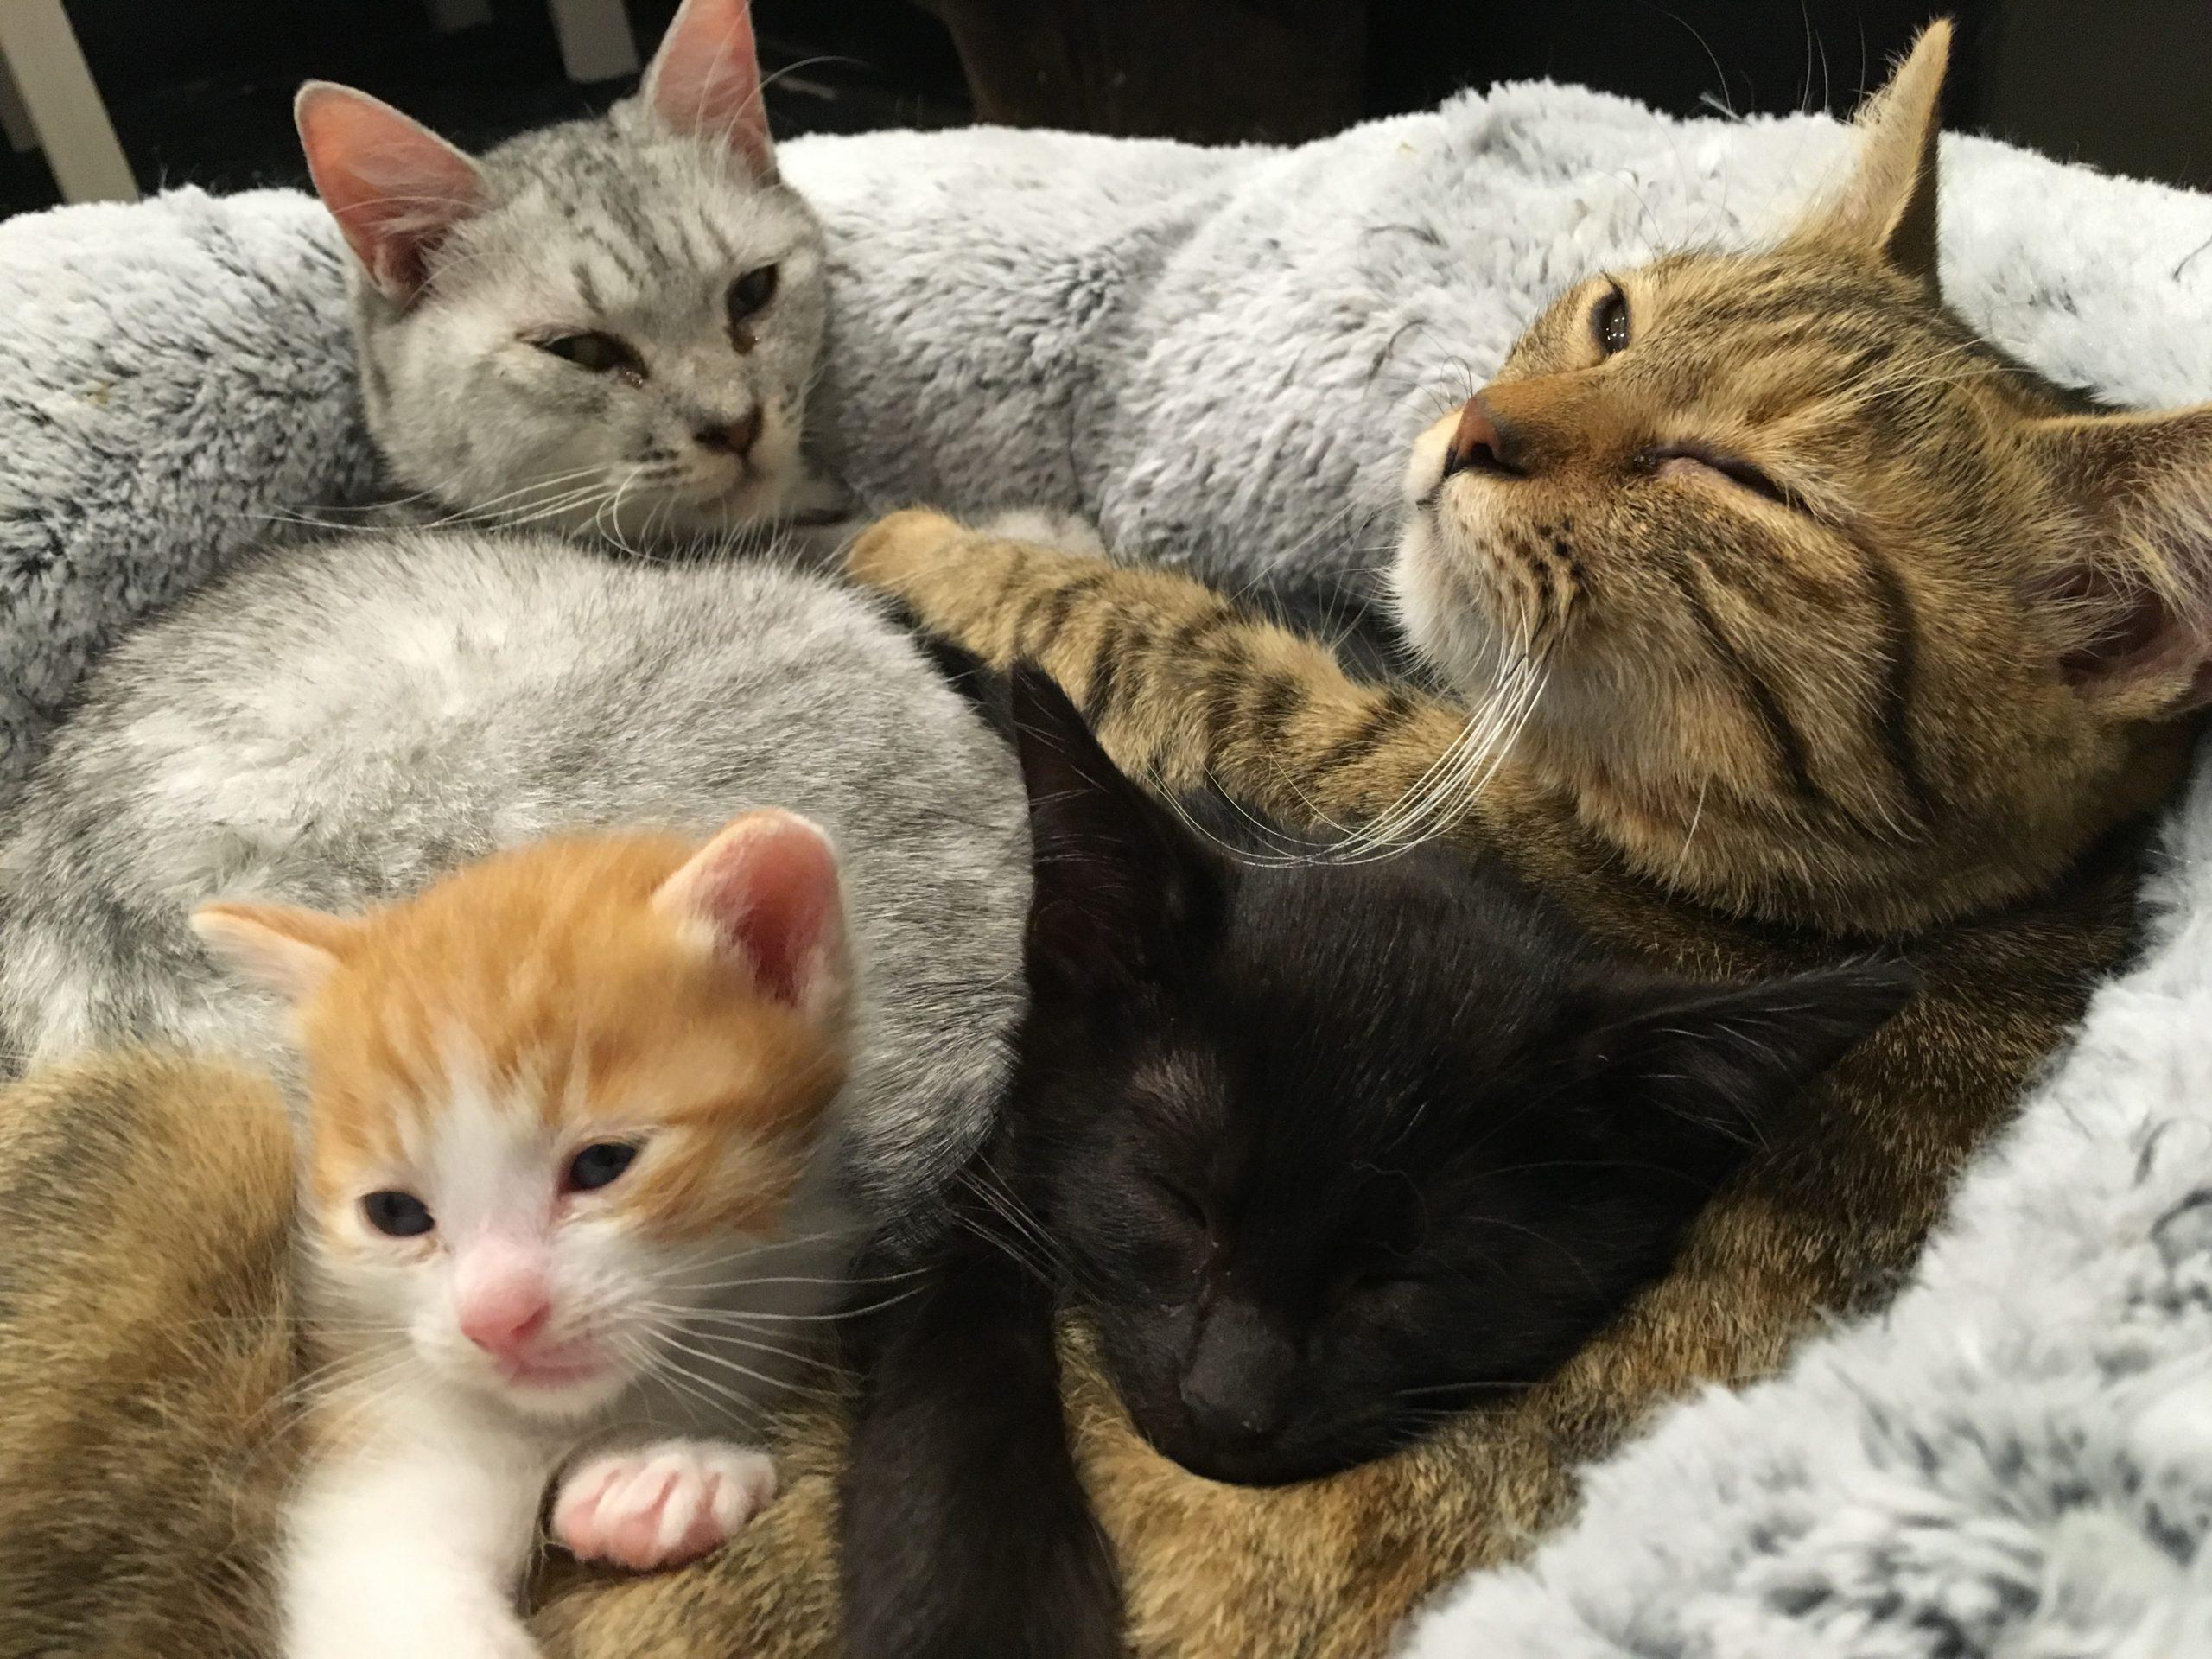 【 緊急 】助けてください!我が家の猫が可愛すぎるんですが!